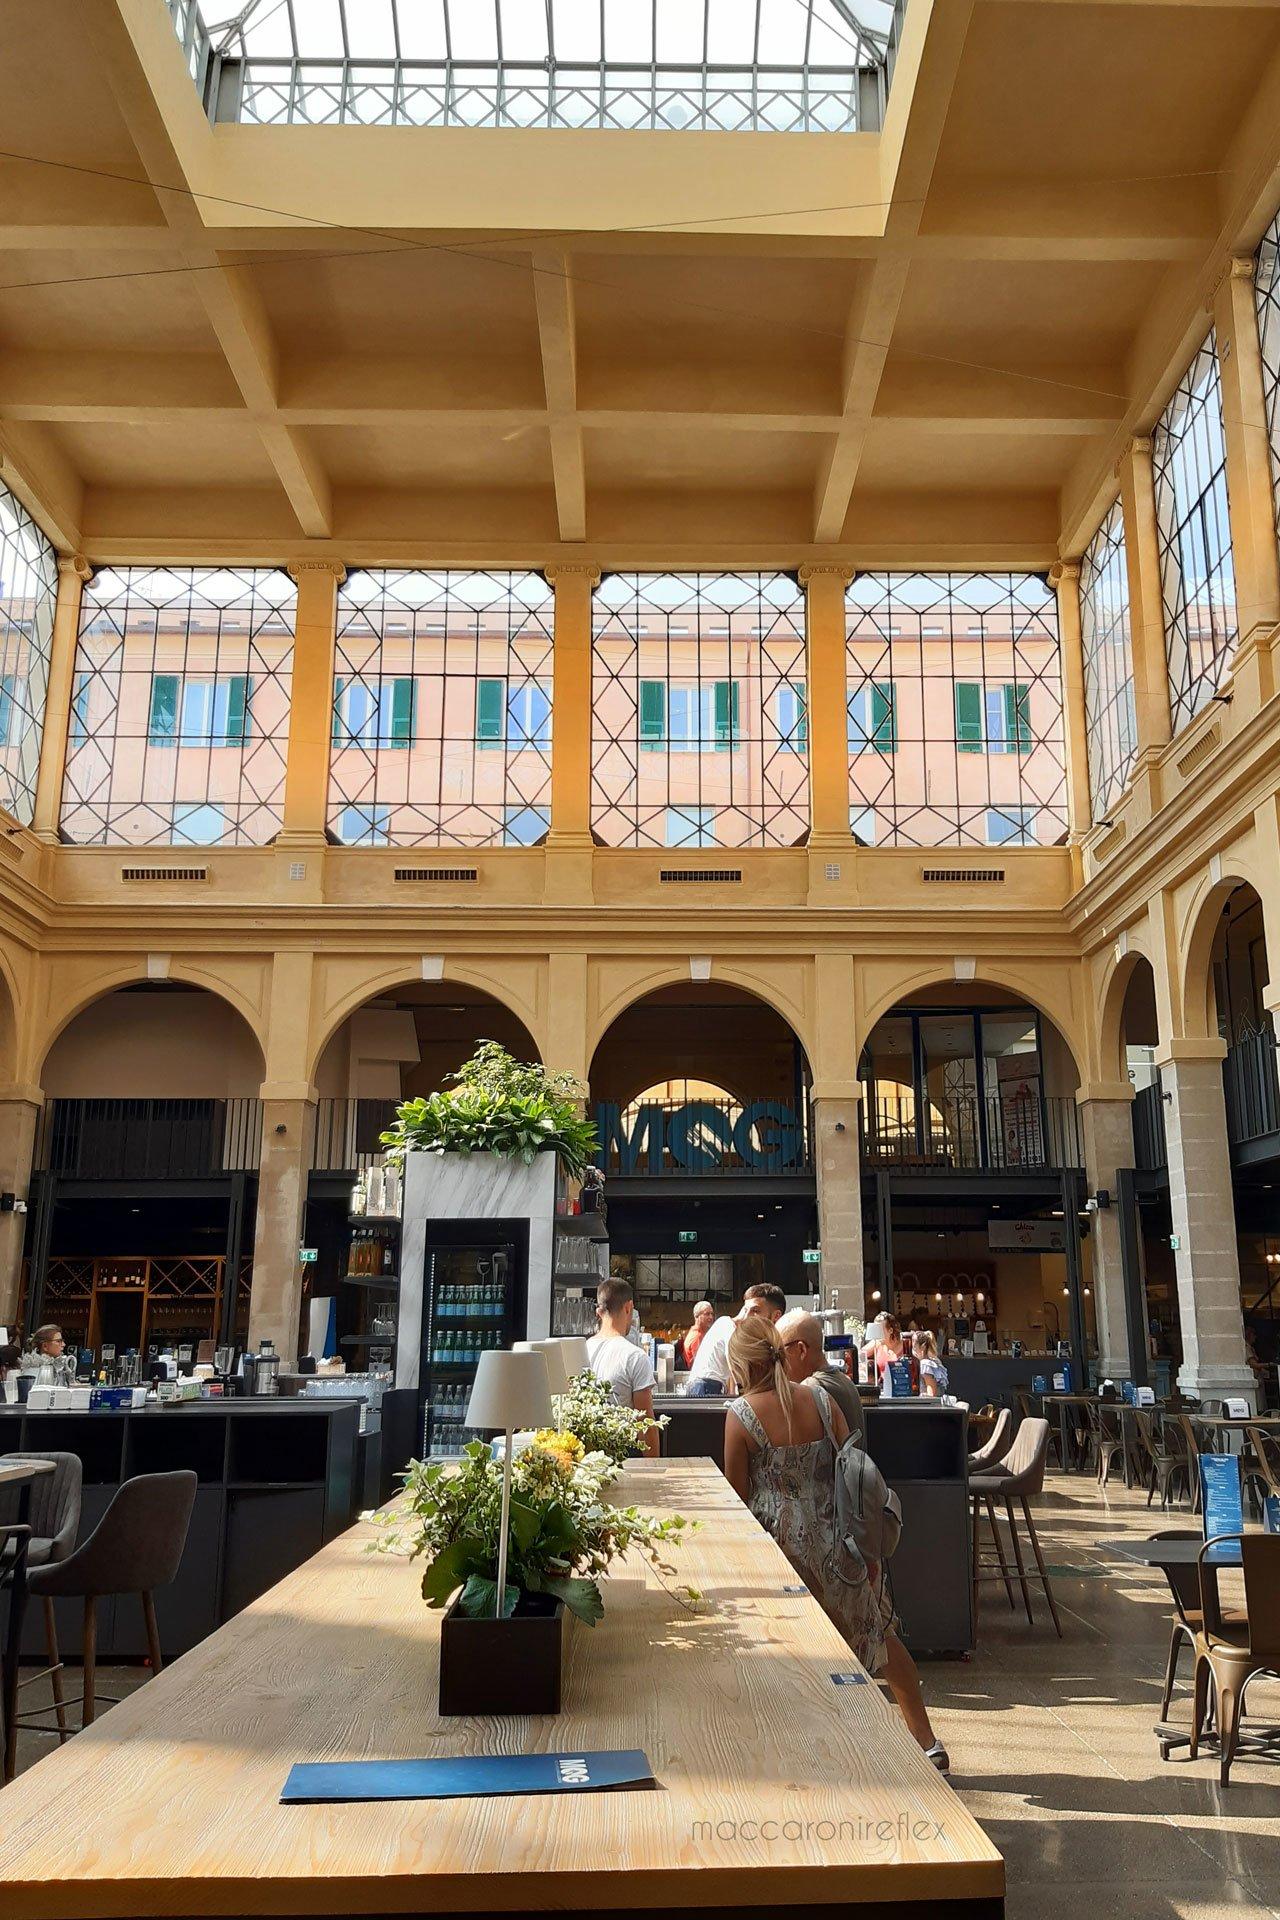 MOG: Mercato Orientale di Genova